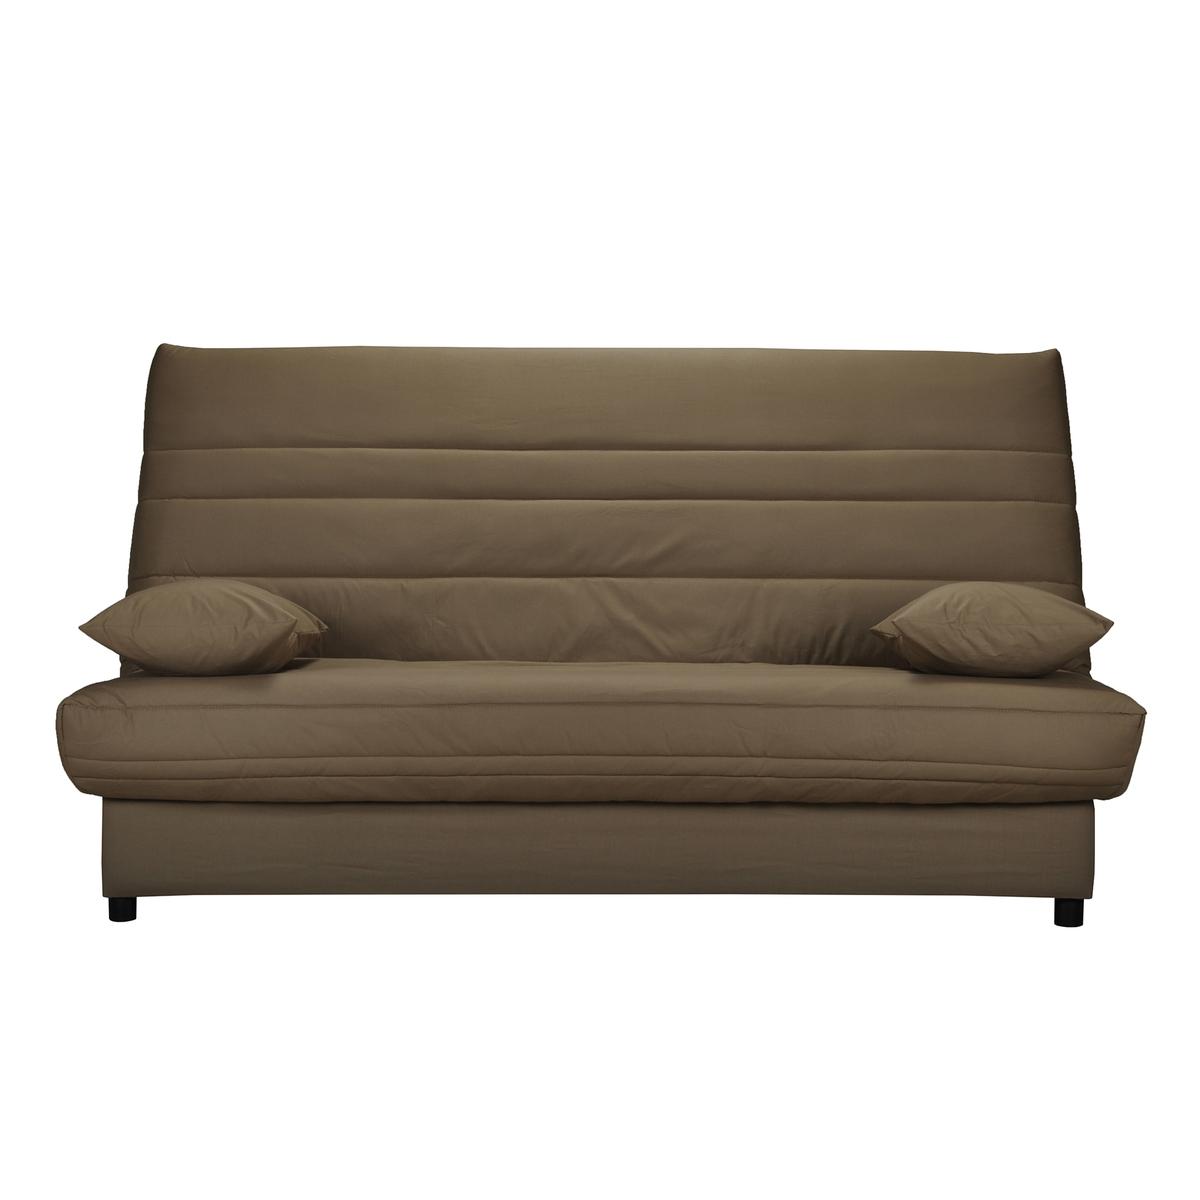 Чехол-одеяло LaRedoute Усовершенствованная модель 130 x 190 см каштановый